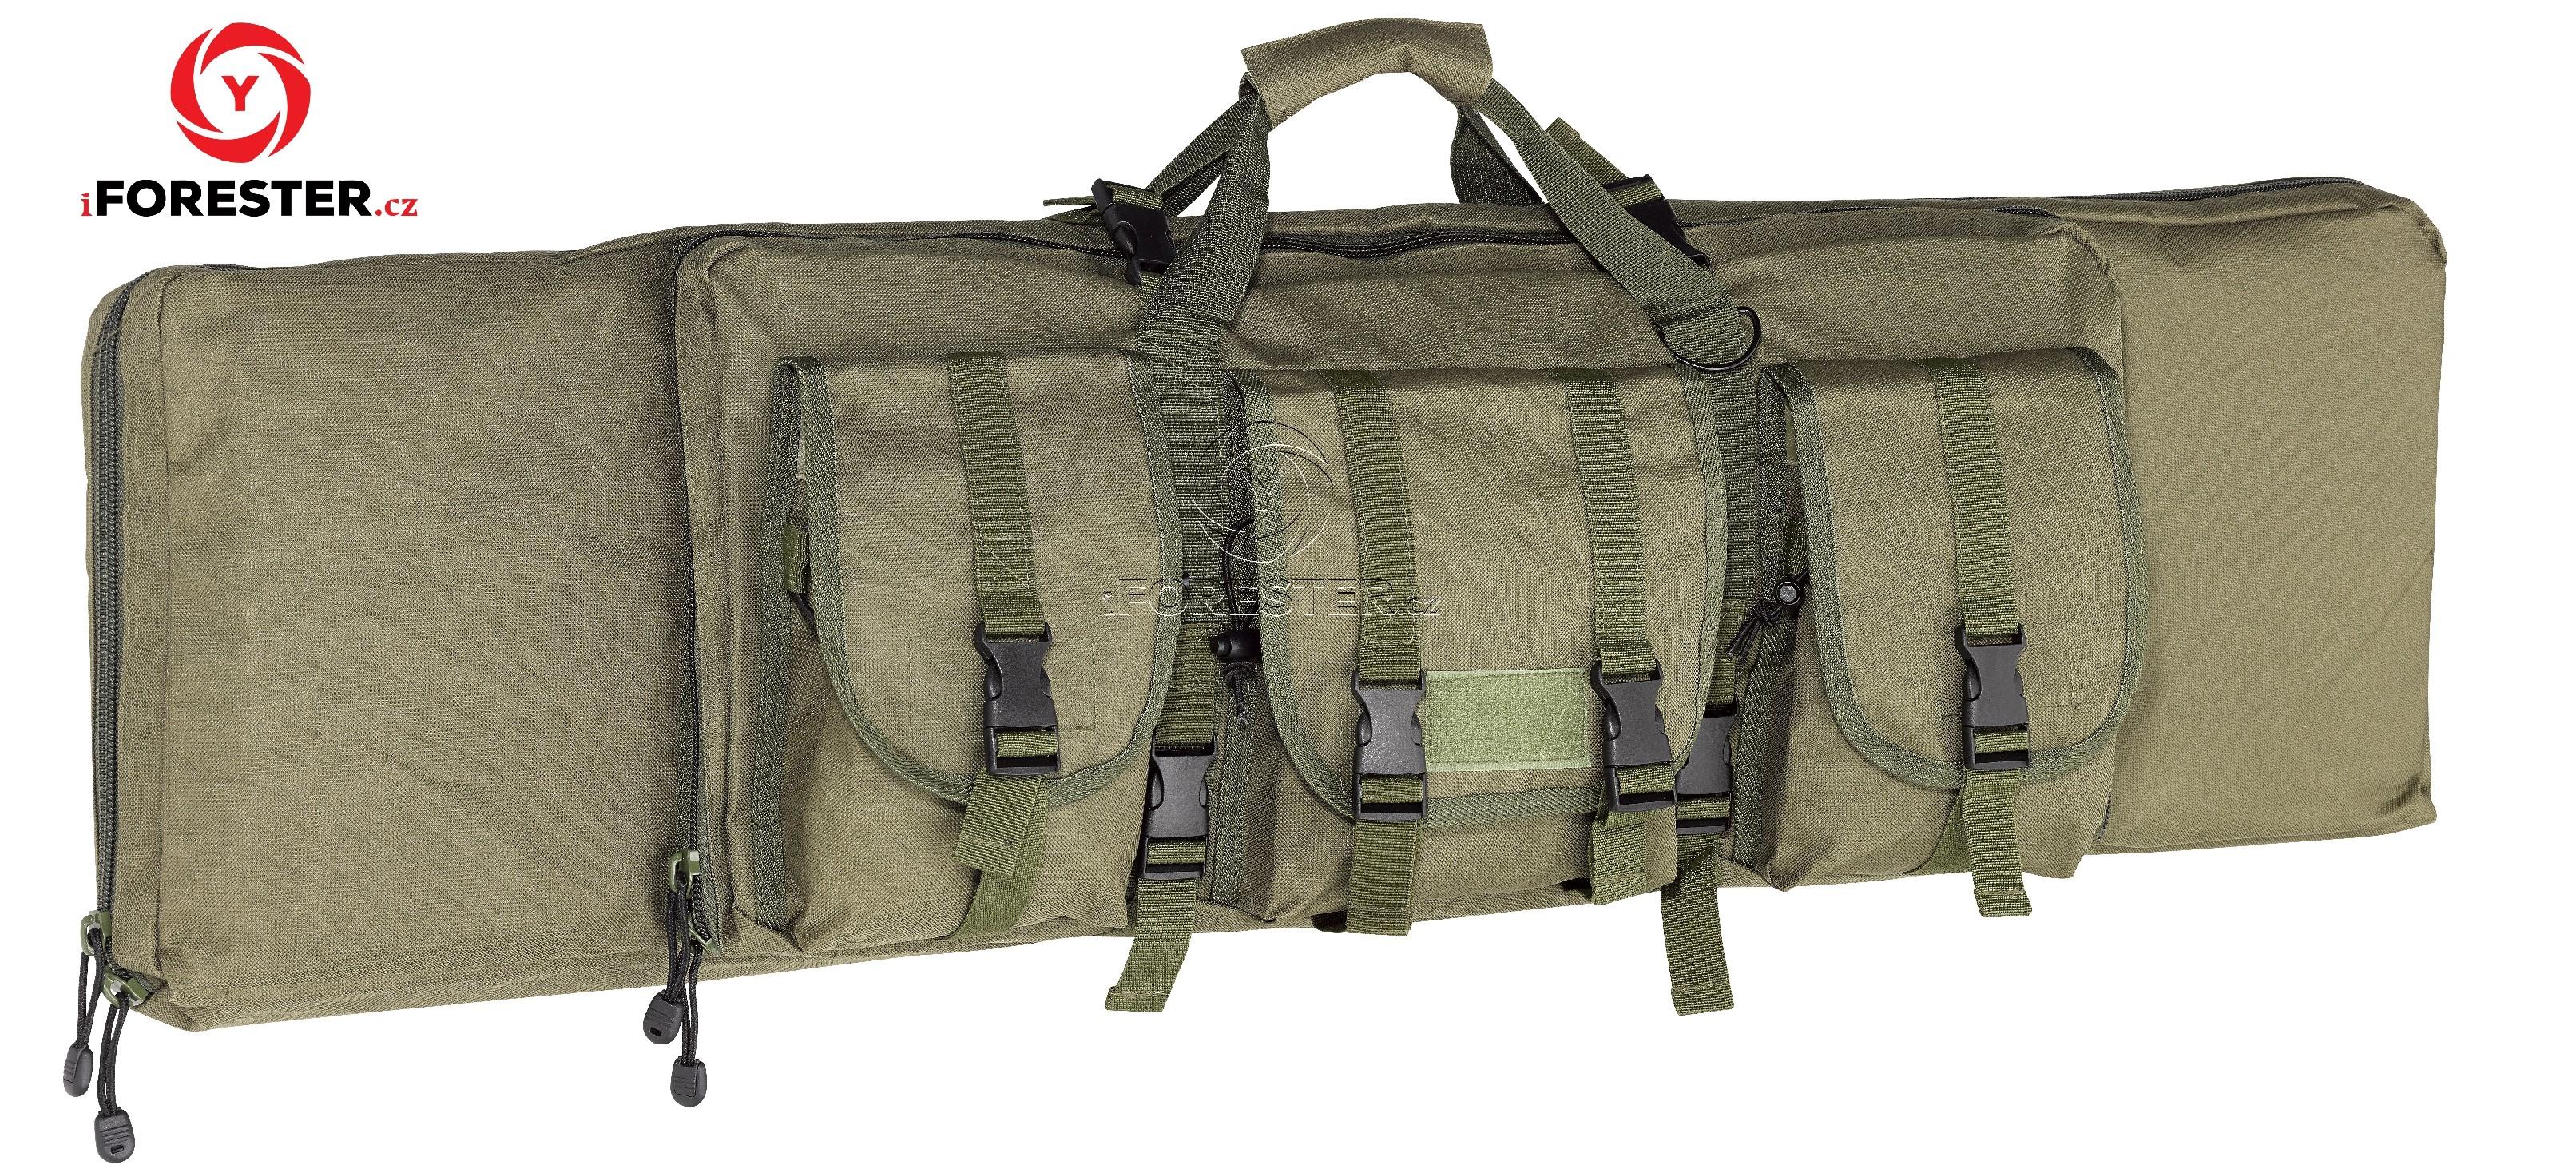 Pouzdro Tactical na dlouhou zbraň 127x25,5cm (zelená, černá) Barva: Zelená